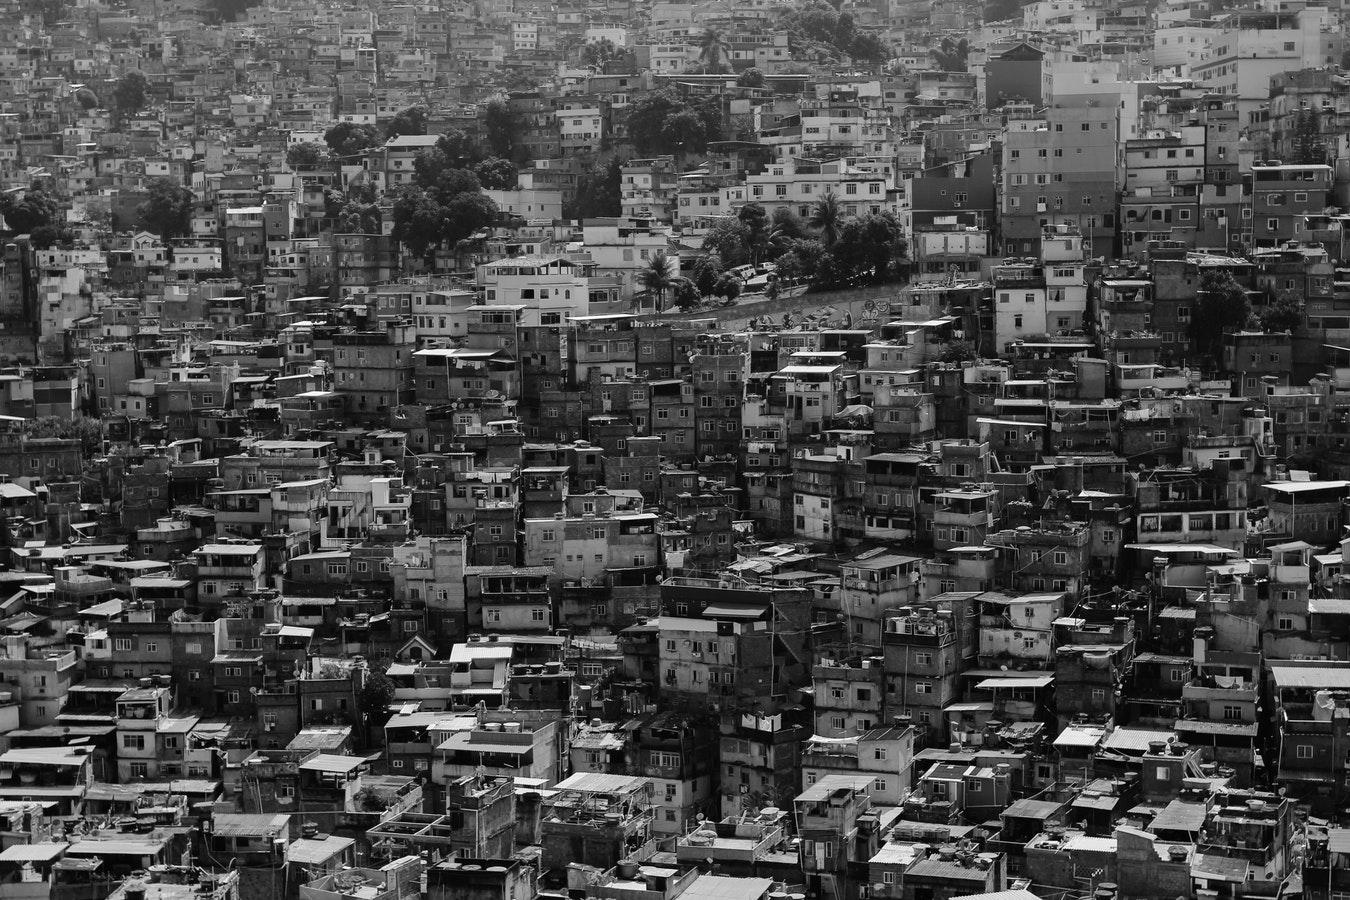 favela intervenção federal no Rio de Janeiro